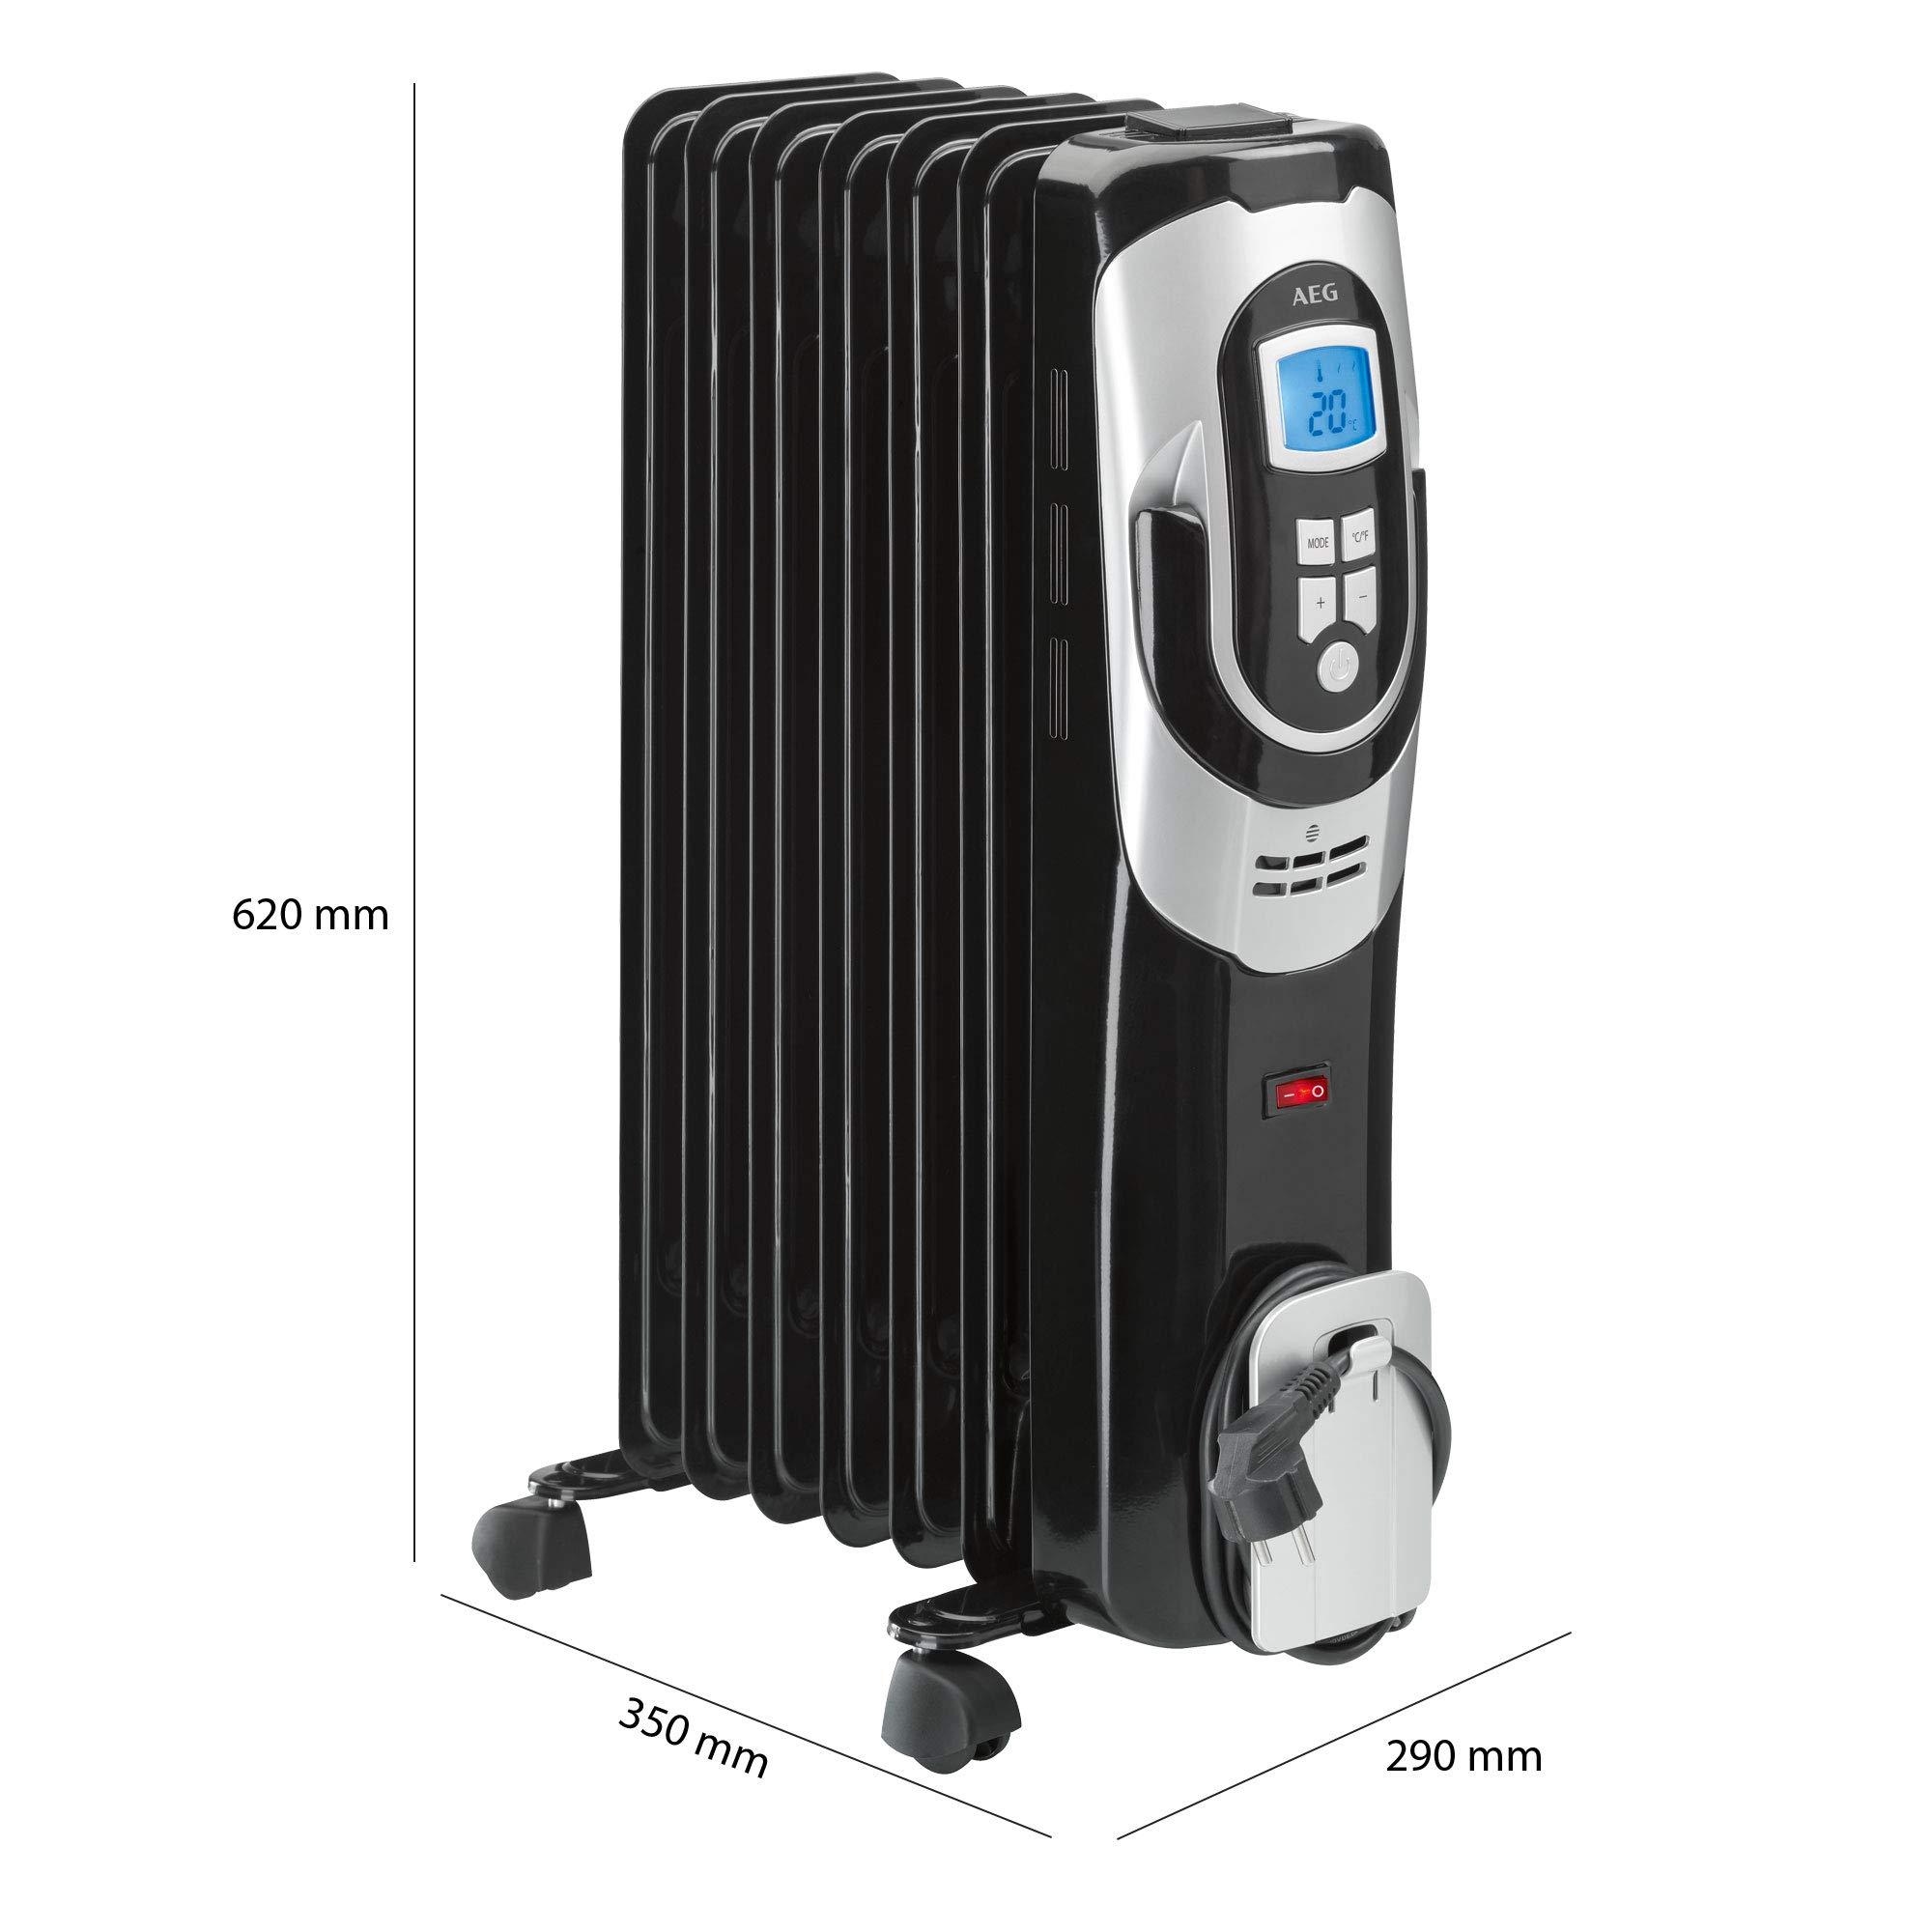 AEG RA 5587 - Radiador de aceite, 1500 W, 7 elementos, programable, pantalla digital, 3 niveles de potencia, regulador de potencia para un bajo consumo: Amazon.es: Hogar